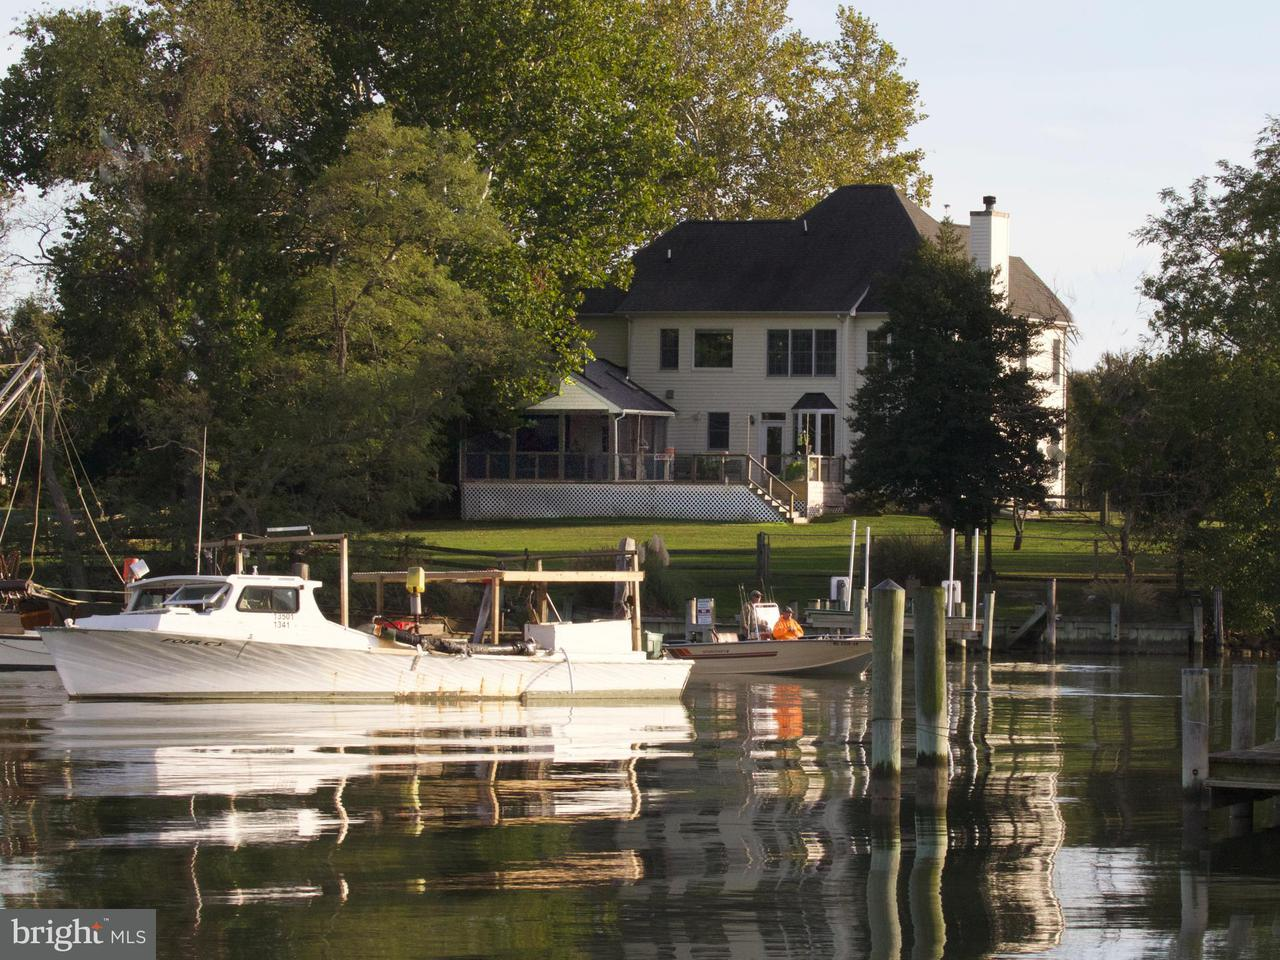 Μονοκατοικία για την Πώληση στο 239 MATAPEX PLANTATION Lane 239 MATAPEX PLANTATION Lane Stevensville, Μεριλαντ 21666 Ηνωμενεσ Πολιτειεσ